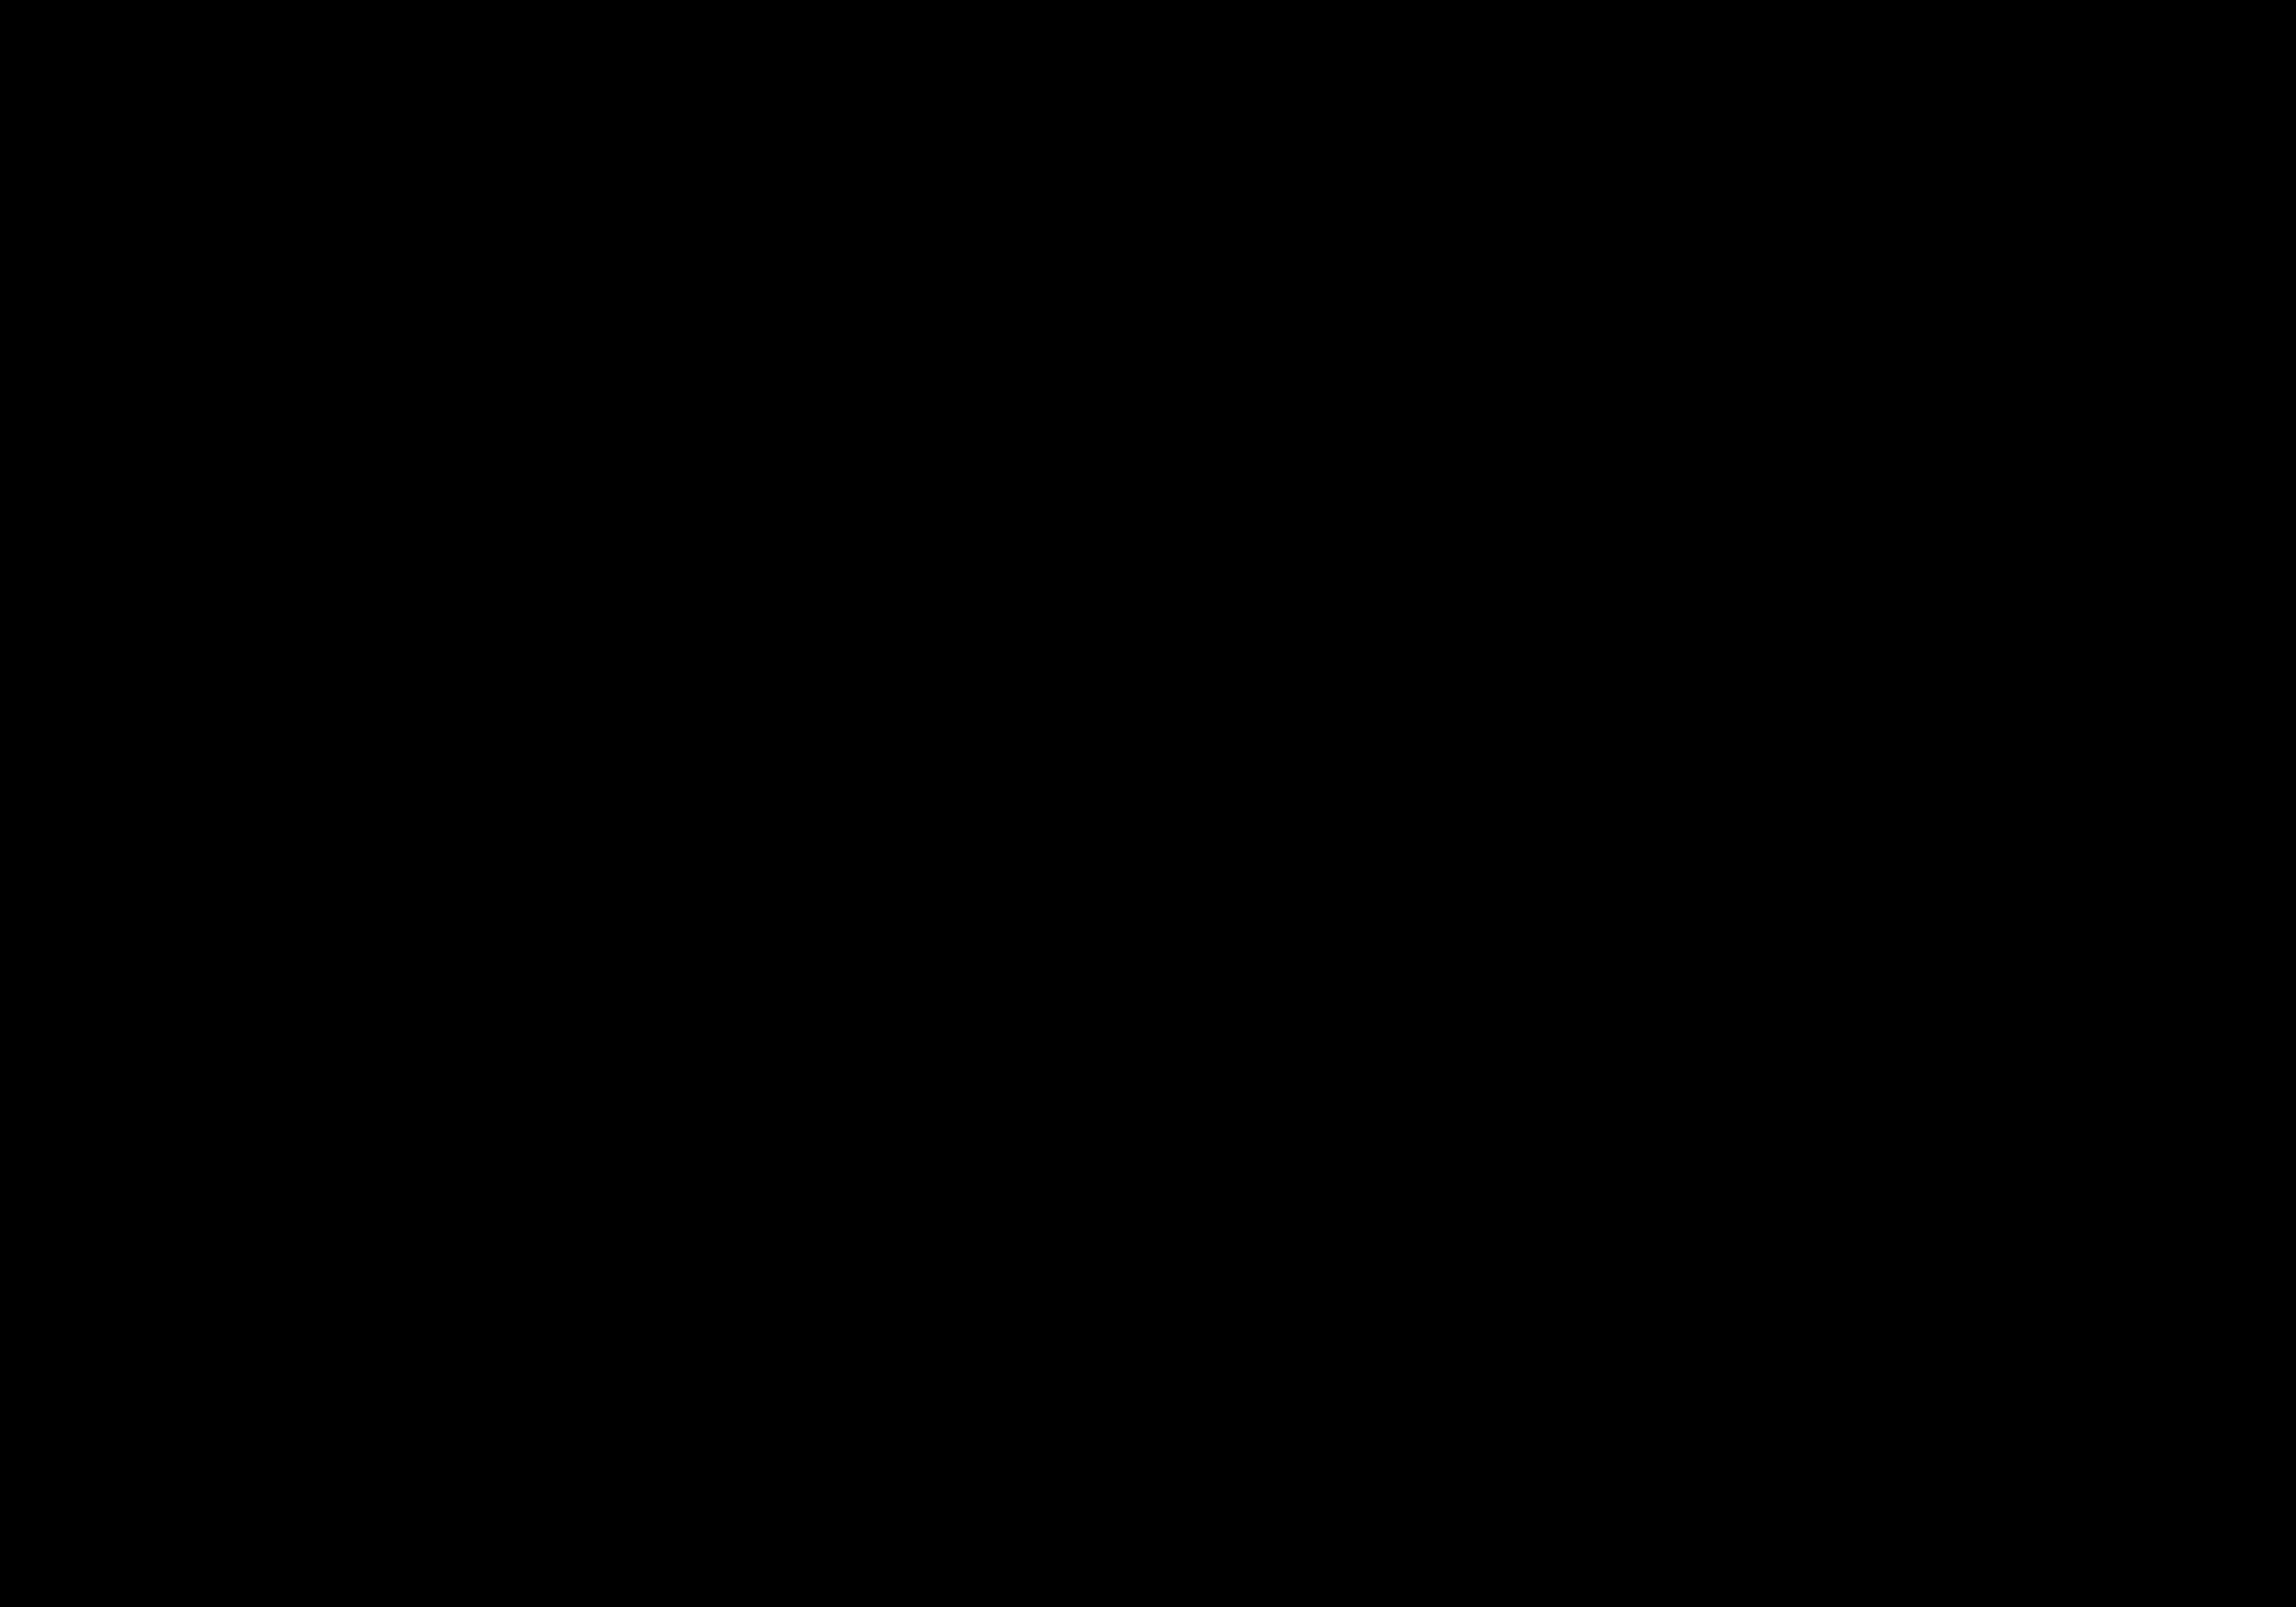 nasa new planet - HD1920×1200